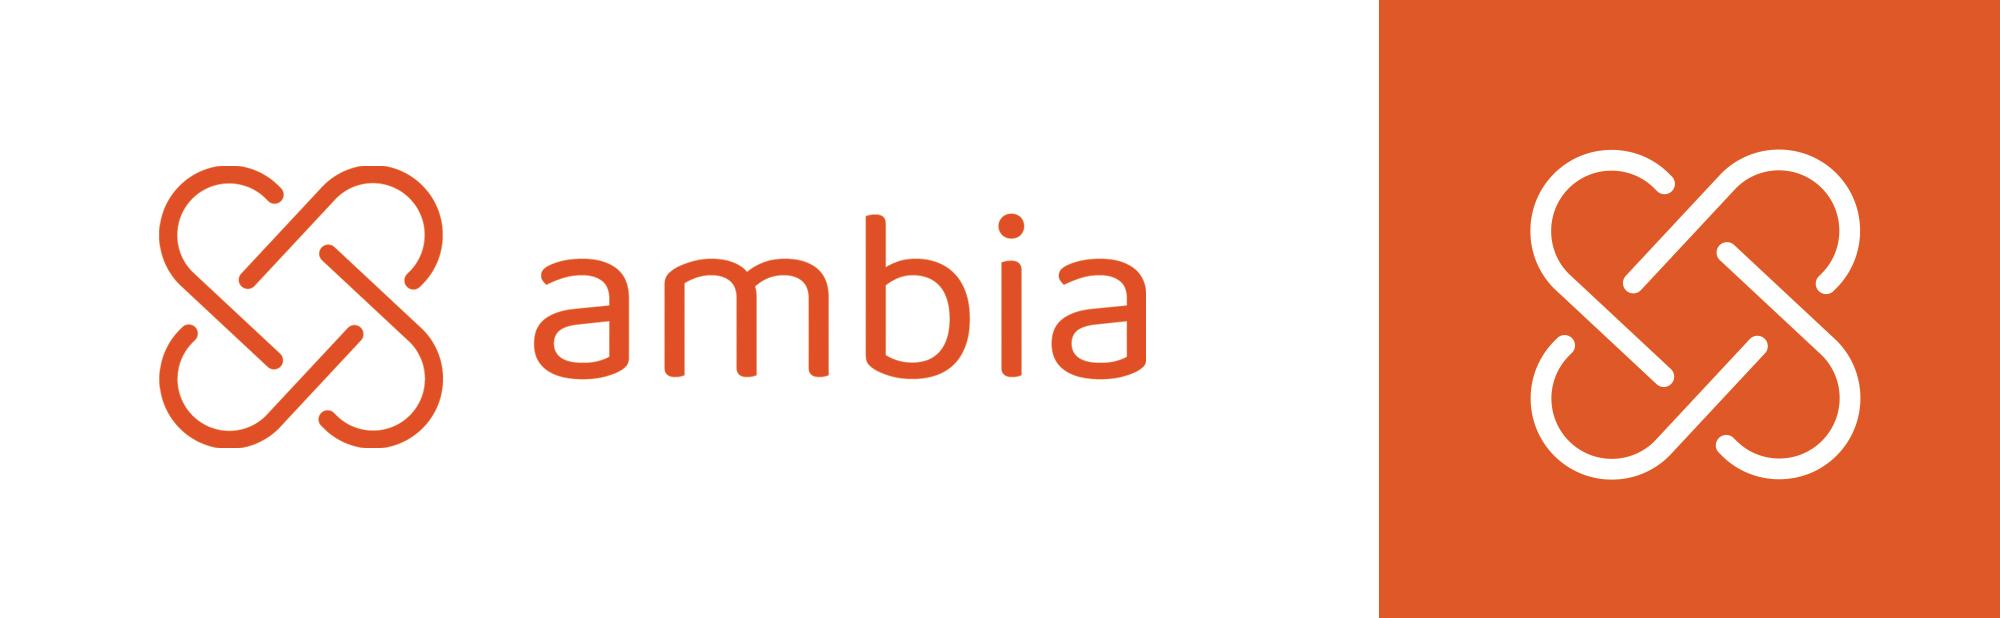 Ambia logotype designet av Doghouse